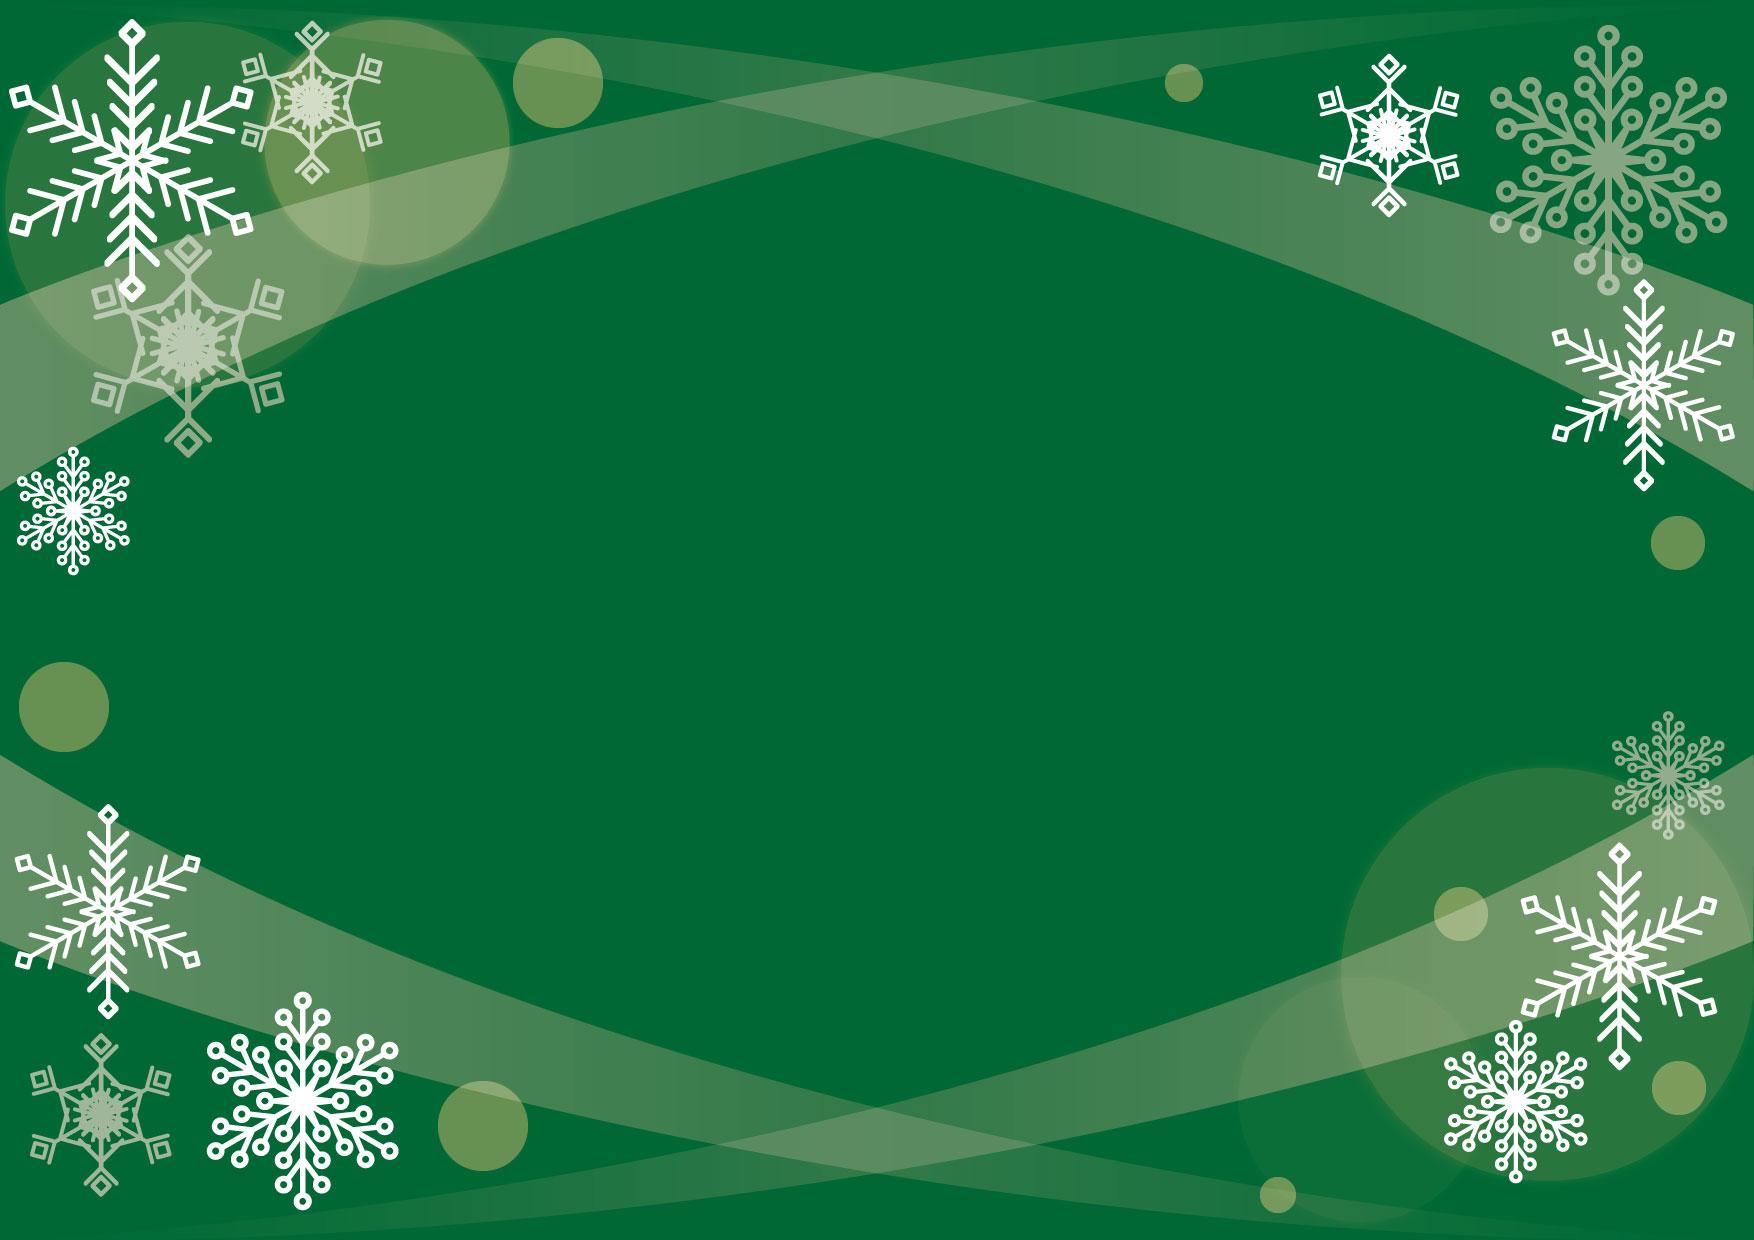 可愛いイラスト無料|背景 クリスマス 雪の結晶 緑 − free illustration Background Christmas Snowflake Green